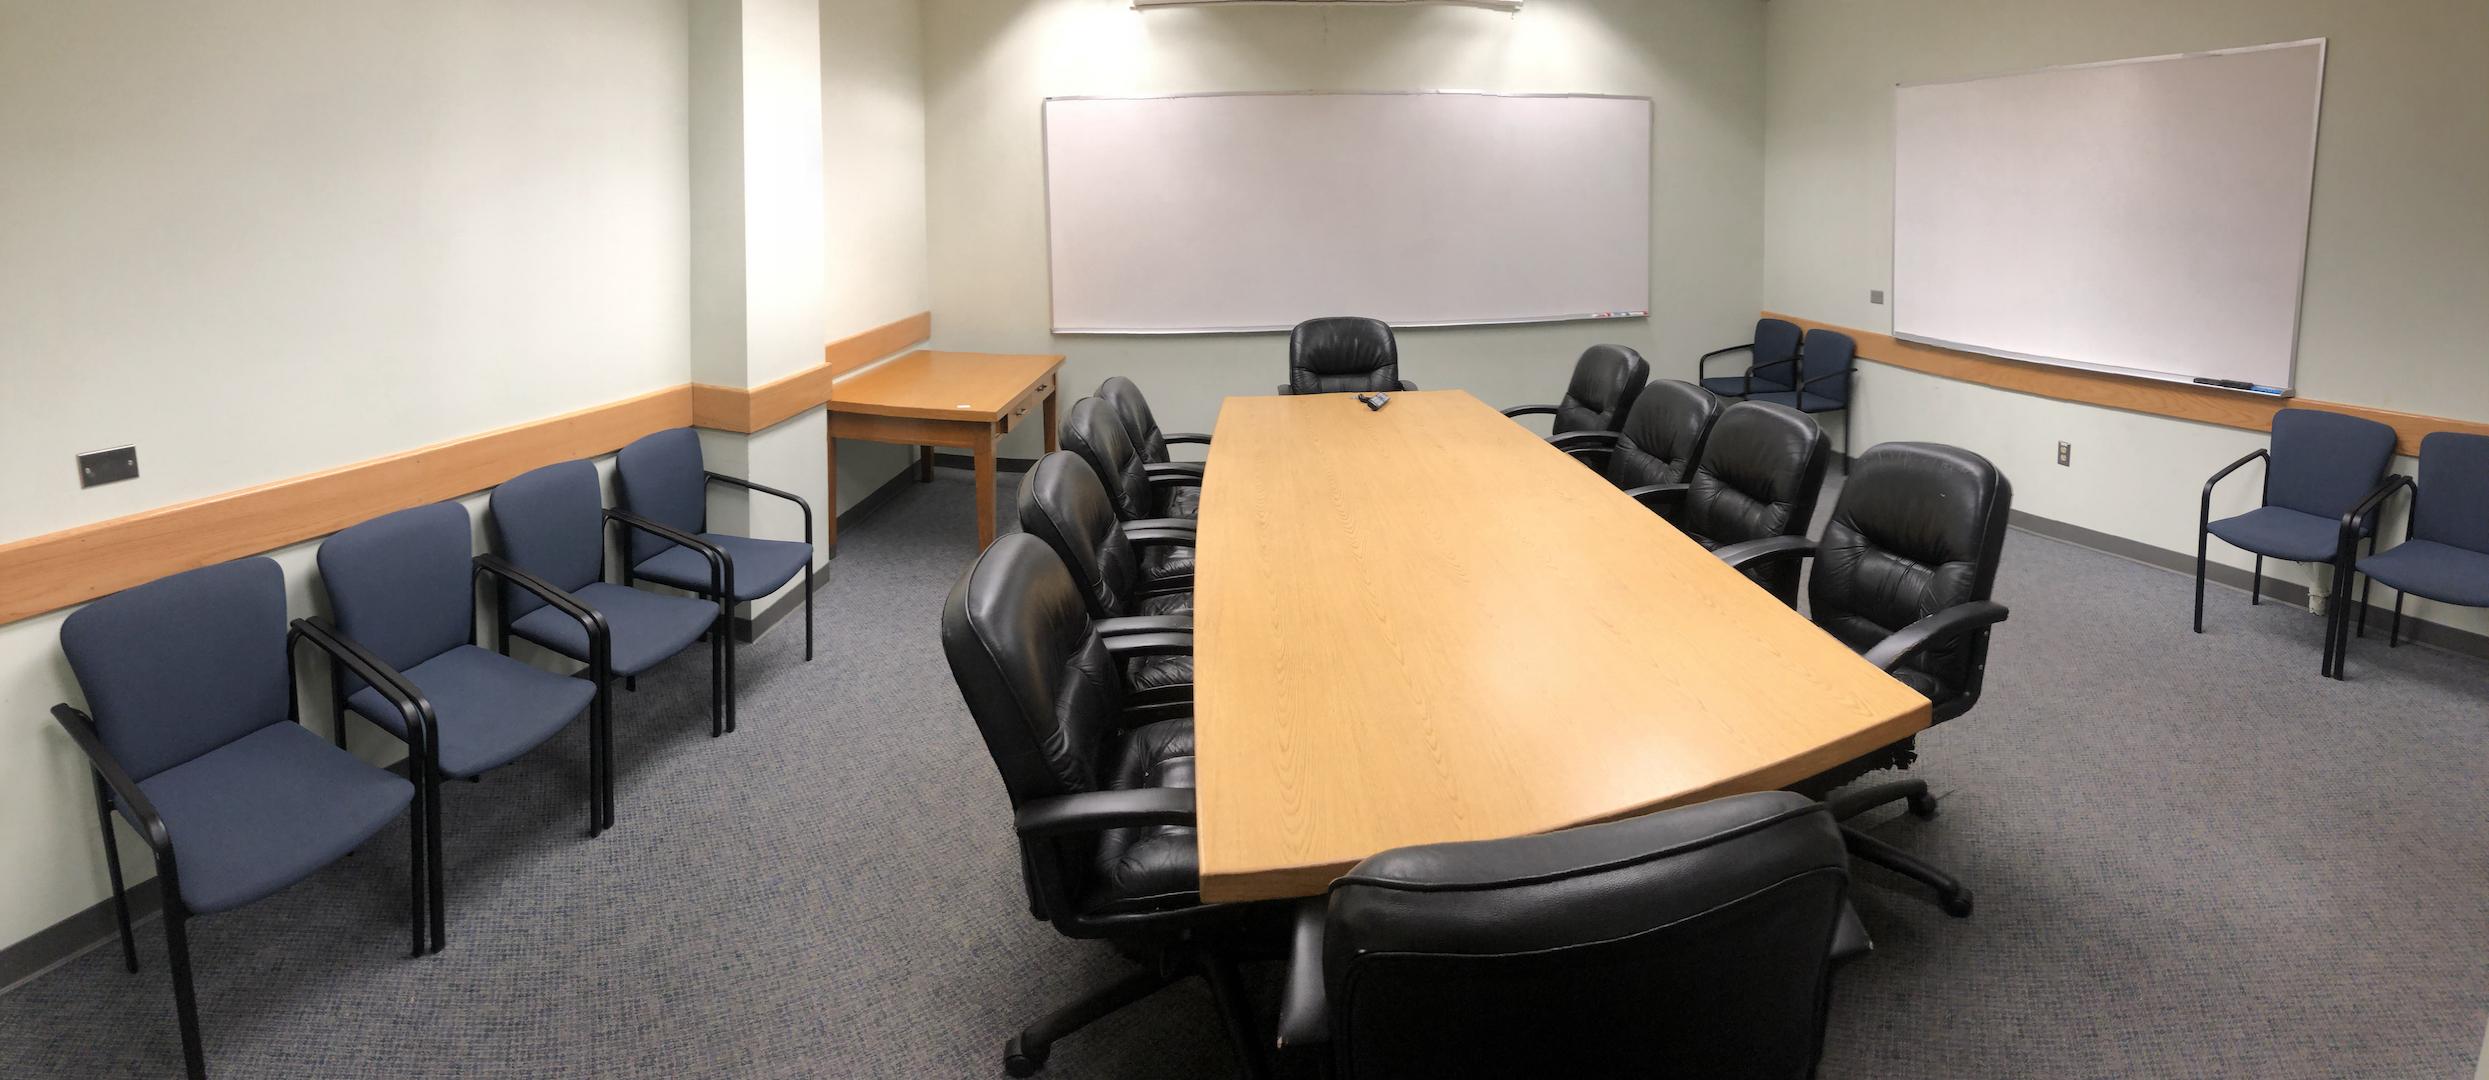 Koshland Hall 274 Conference Room Layout Photo